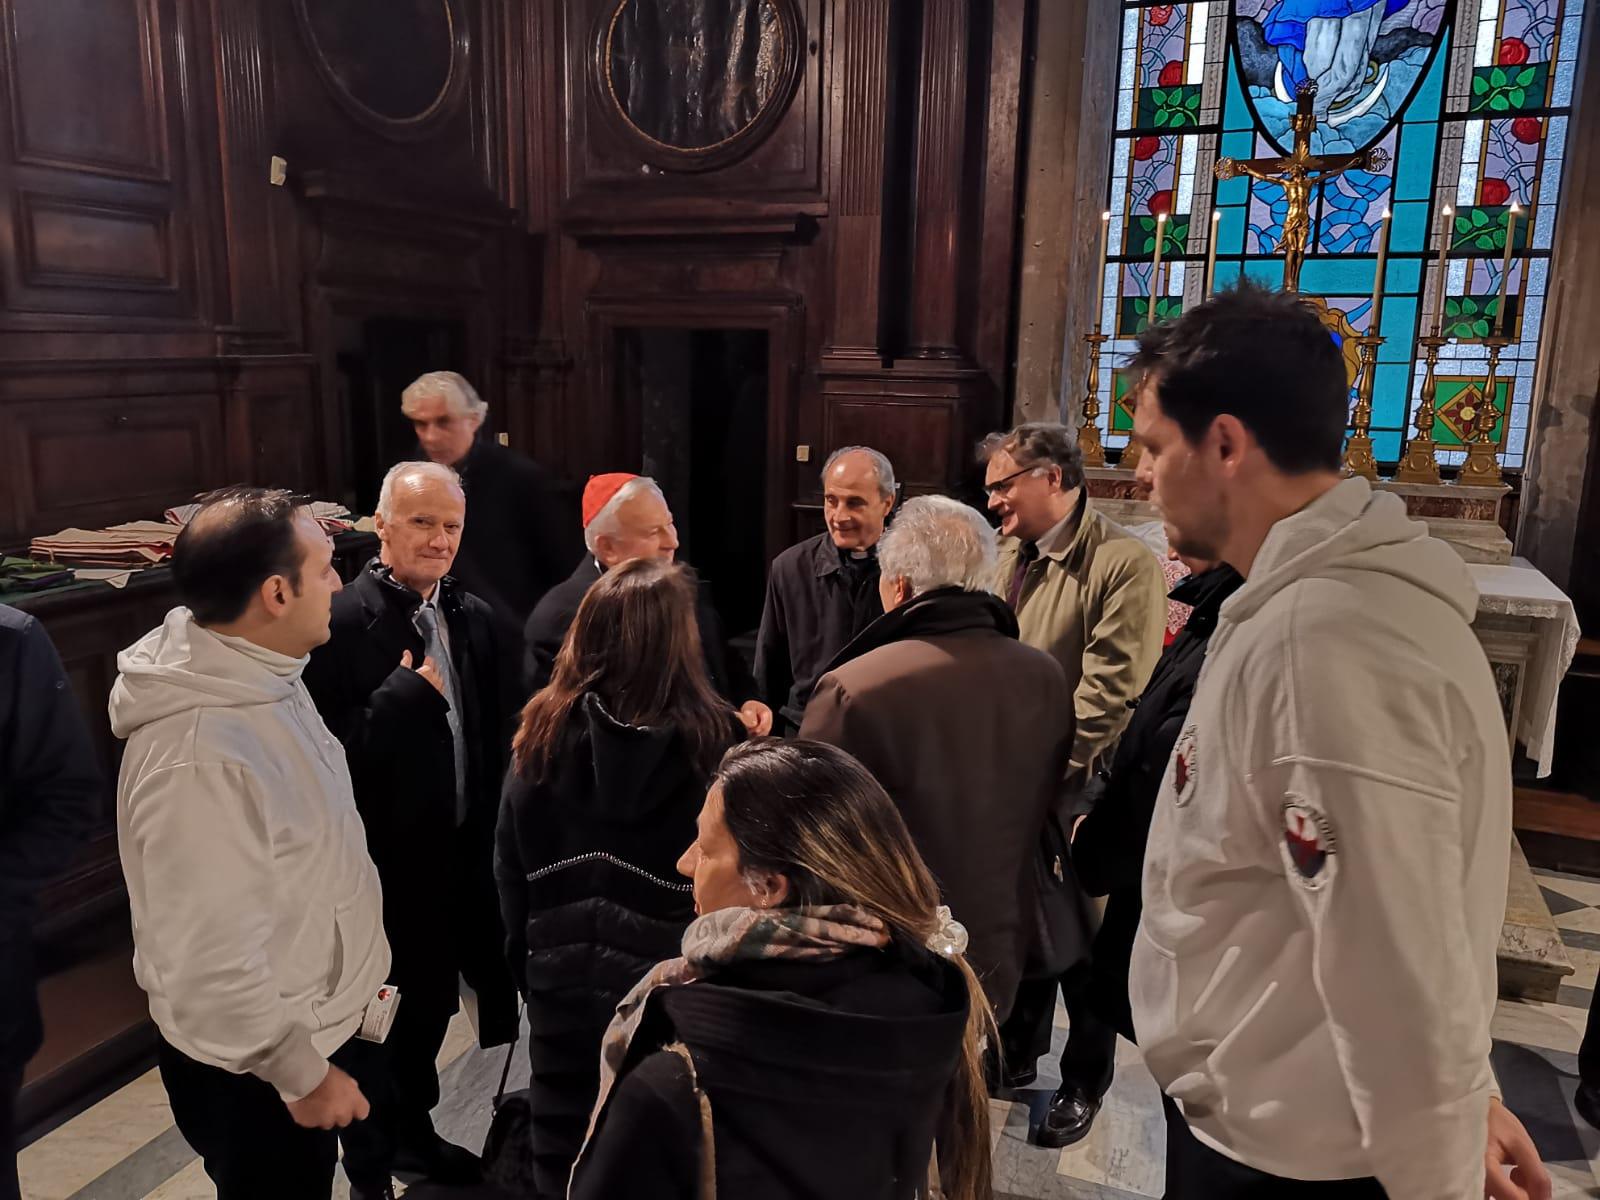 I Templari Cattolici d'Italia in occasione del centenario dall'Appello di Liberi e Forti di Don Luigi Sturzo partecipano alla Santa Messa celebrata da Sua Eminenza il Cardinale Gualtiero Bassetti nella Basilica dei Santi XII Apostoli.